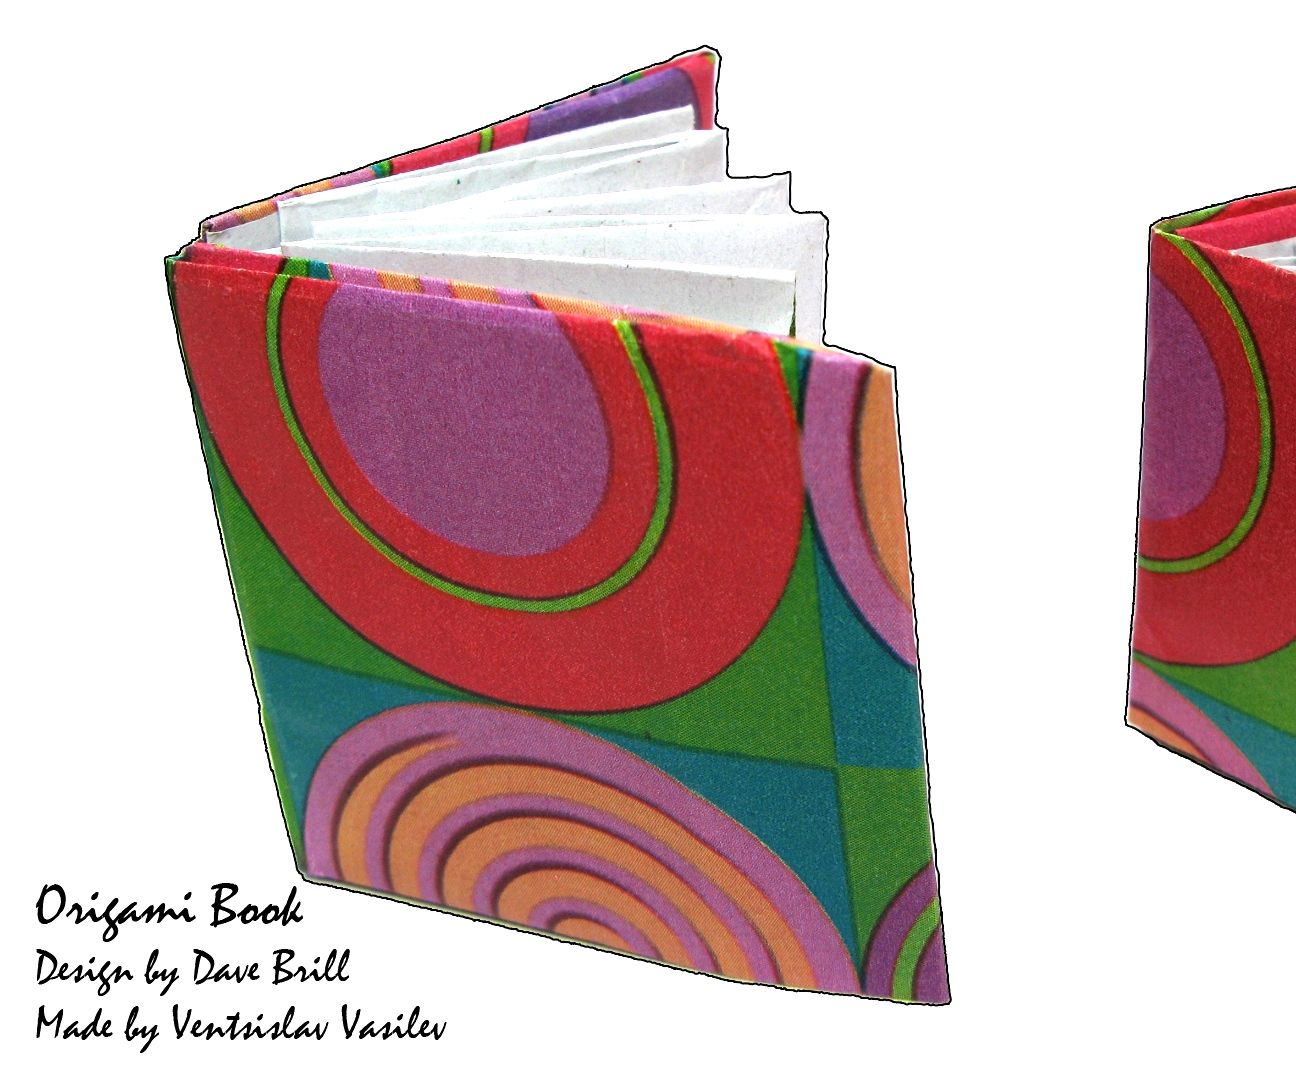 Origami Mini Book Tutorial (Dave Brill)